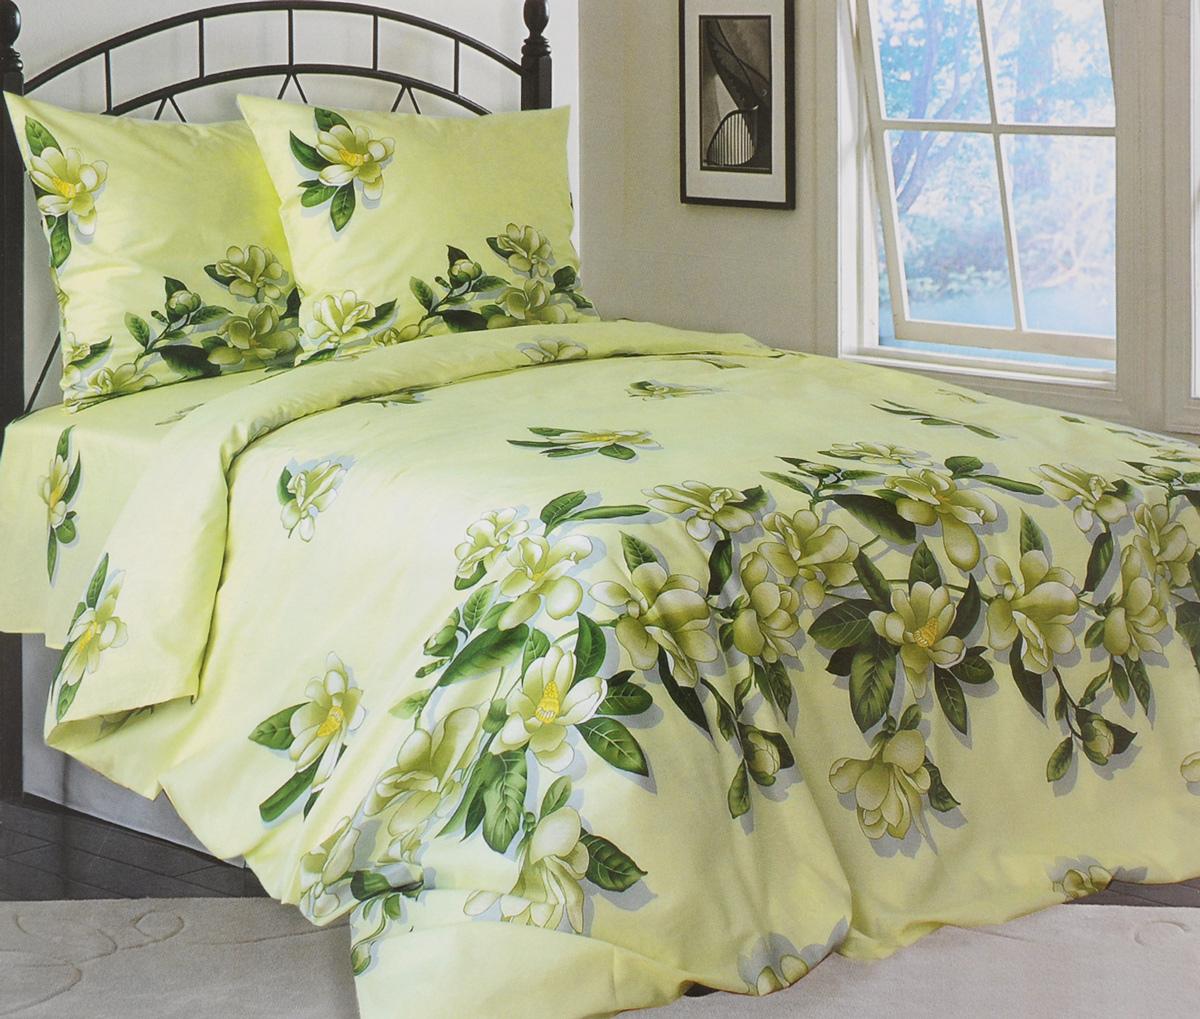 Комплект белья Катюша Юнона, 1,5-спальный, наволочки 50х70, цвет: зеленый, серый, желтыйC-264/4553Роскошный комплект белья Катюша Юнона, выполненный из бязи (100% натурального хлопка), состоит из пододеяльника, простыни и двух наволочек. Постельное белье оформлено изображением цветов и имеет изысканный внешний вид. Бязь - это ткань полотняного переплетения, изготовленная из экологически чистого и натурального 100% хлопка. Она приятная на ощупь, при этом очень прочная, хорошо сохраняет форму и легко гладится. Ткань прекрасно пропускает воздух и за ней легко ухаживать. Приобретая комплект постельного белья Катюша Юнона, вы можете быть уверенны в том, что покупка доставит вам и вашим близким удовольствие и подарит максимальный комфорт.